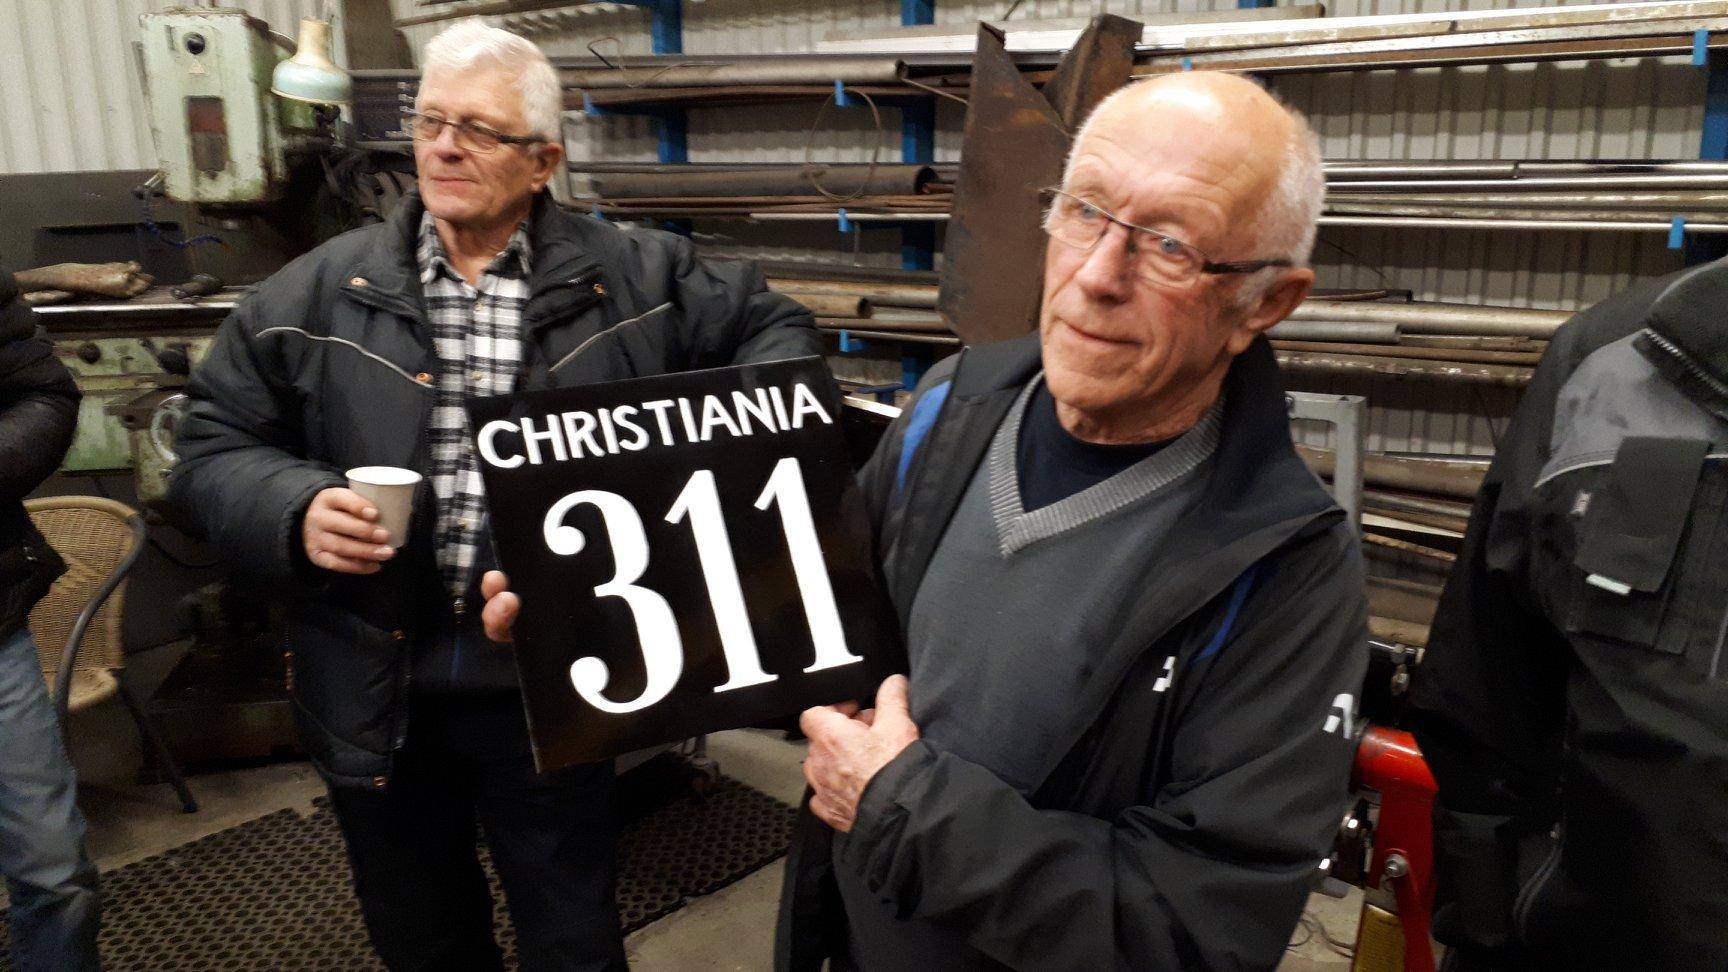 Skilt til Viviniusen Cristiania 311